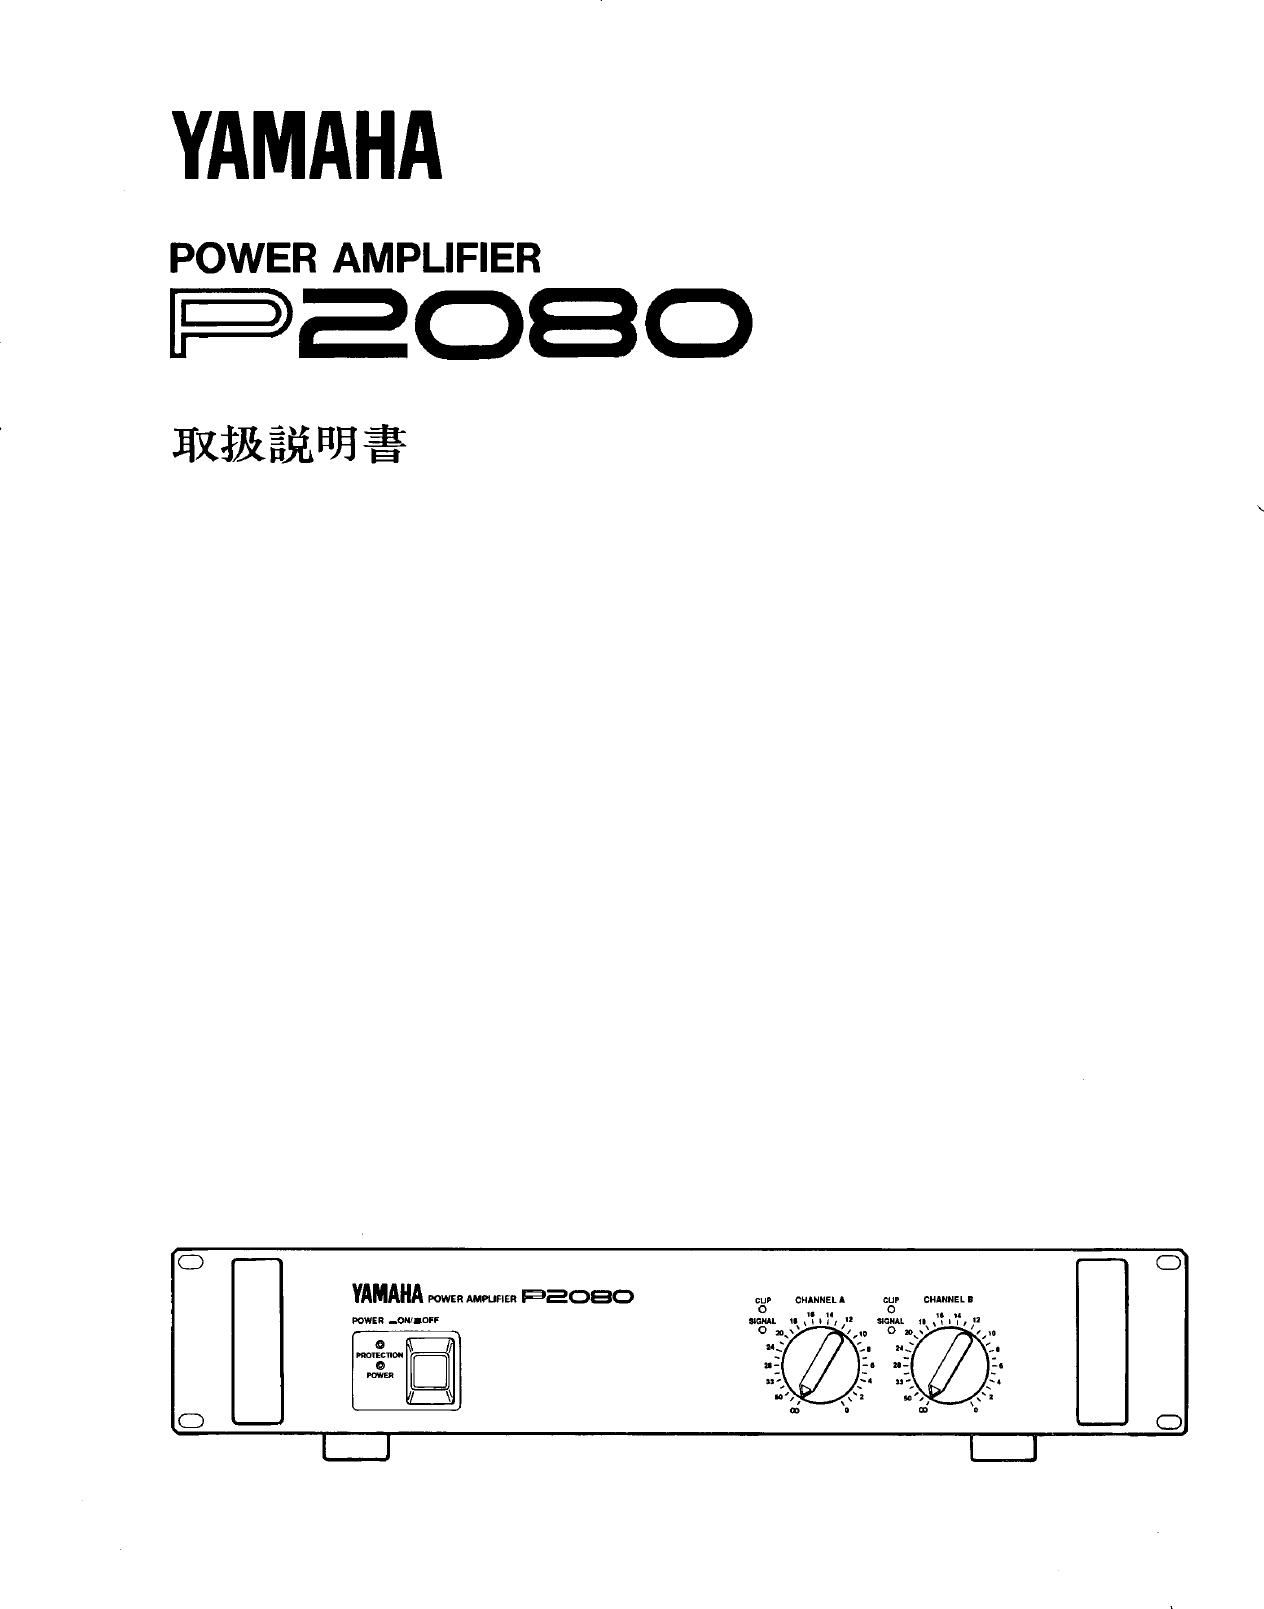 Yamaha P2080 取扱説明書 P2080J